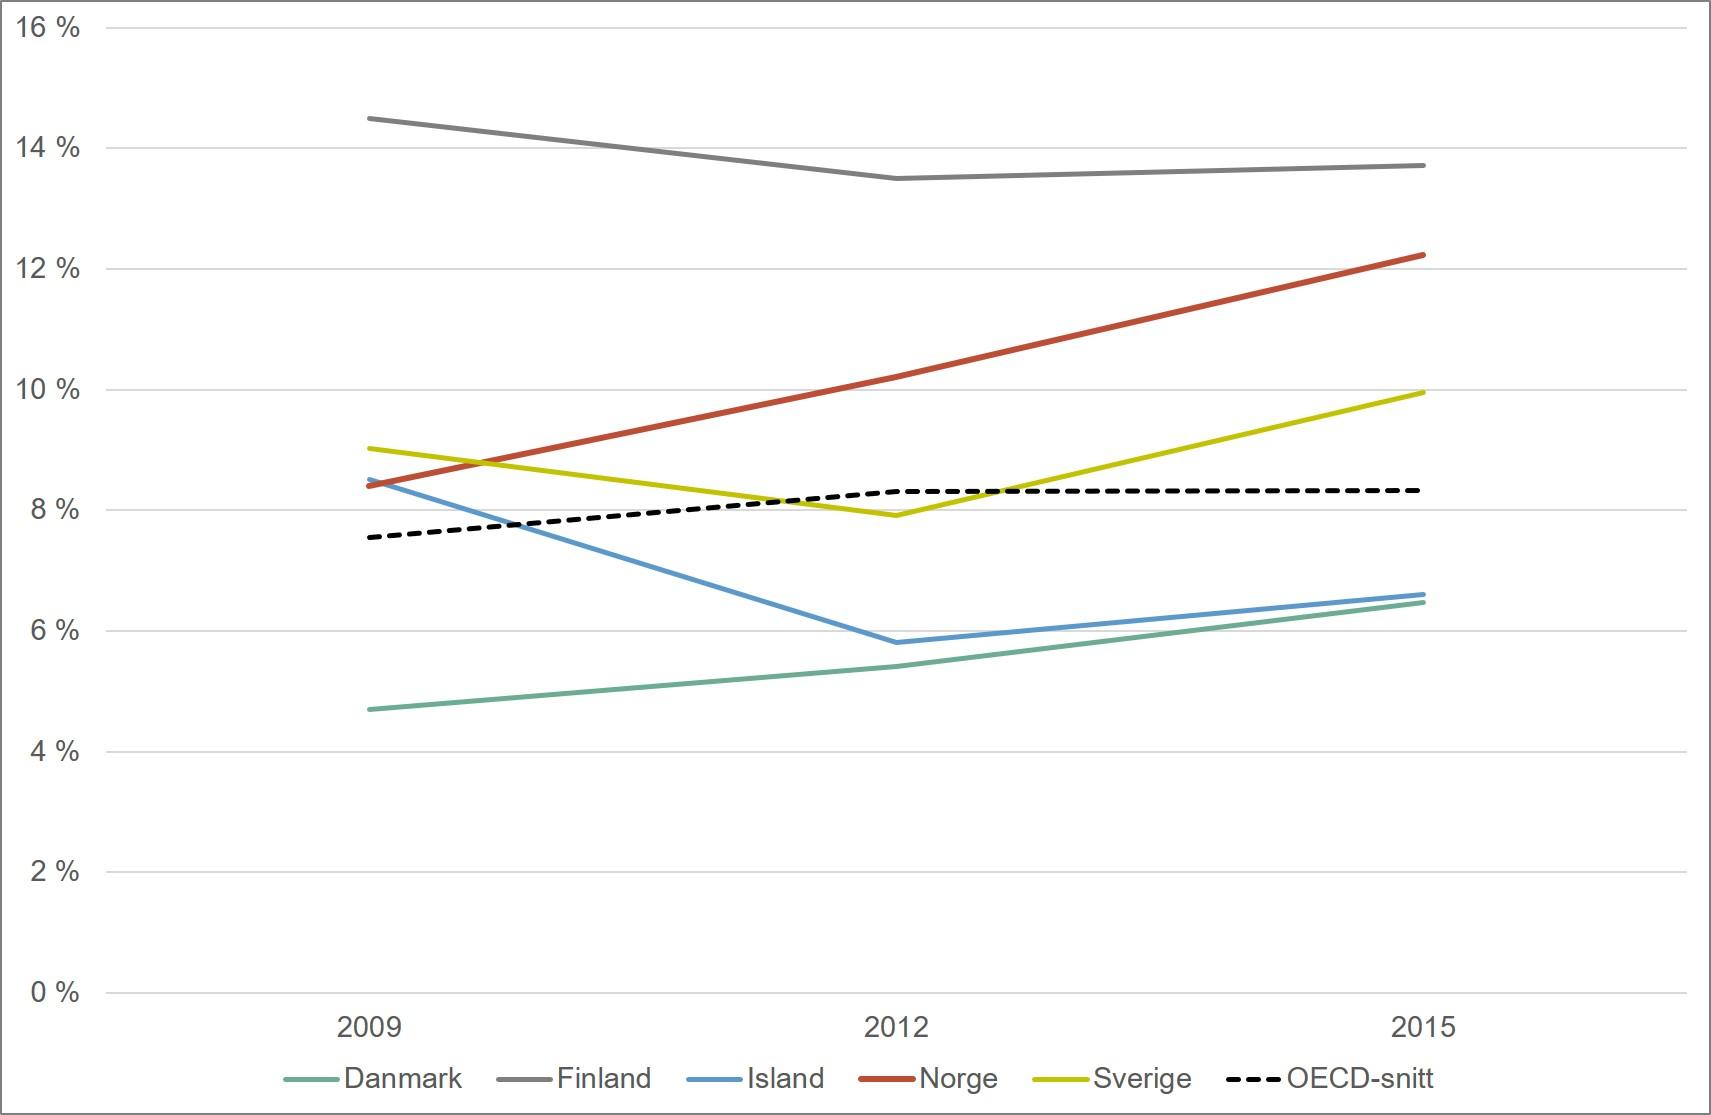 Andel elever som skårer nivå 5 eller høyere på PISA-testen i lesing. Nordiske land og OECD. 2009-2015. Merknad: OECD har blitt utvidet i perioden 2009-2015, slik at OECD-snittet ikke er helt sammenliknbart over denne perioden.